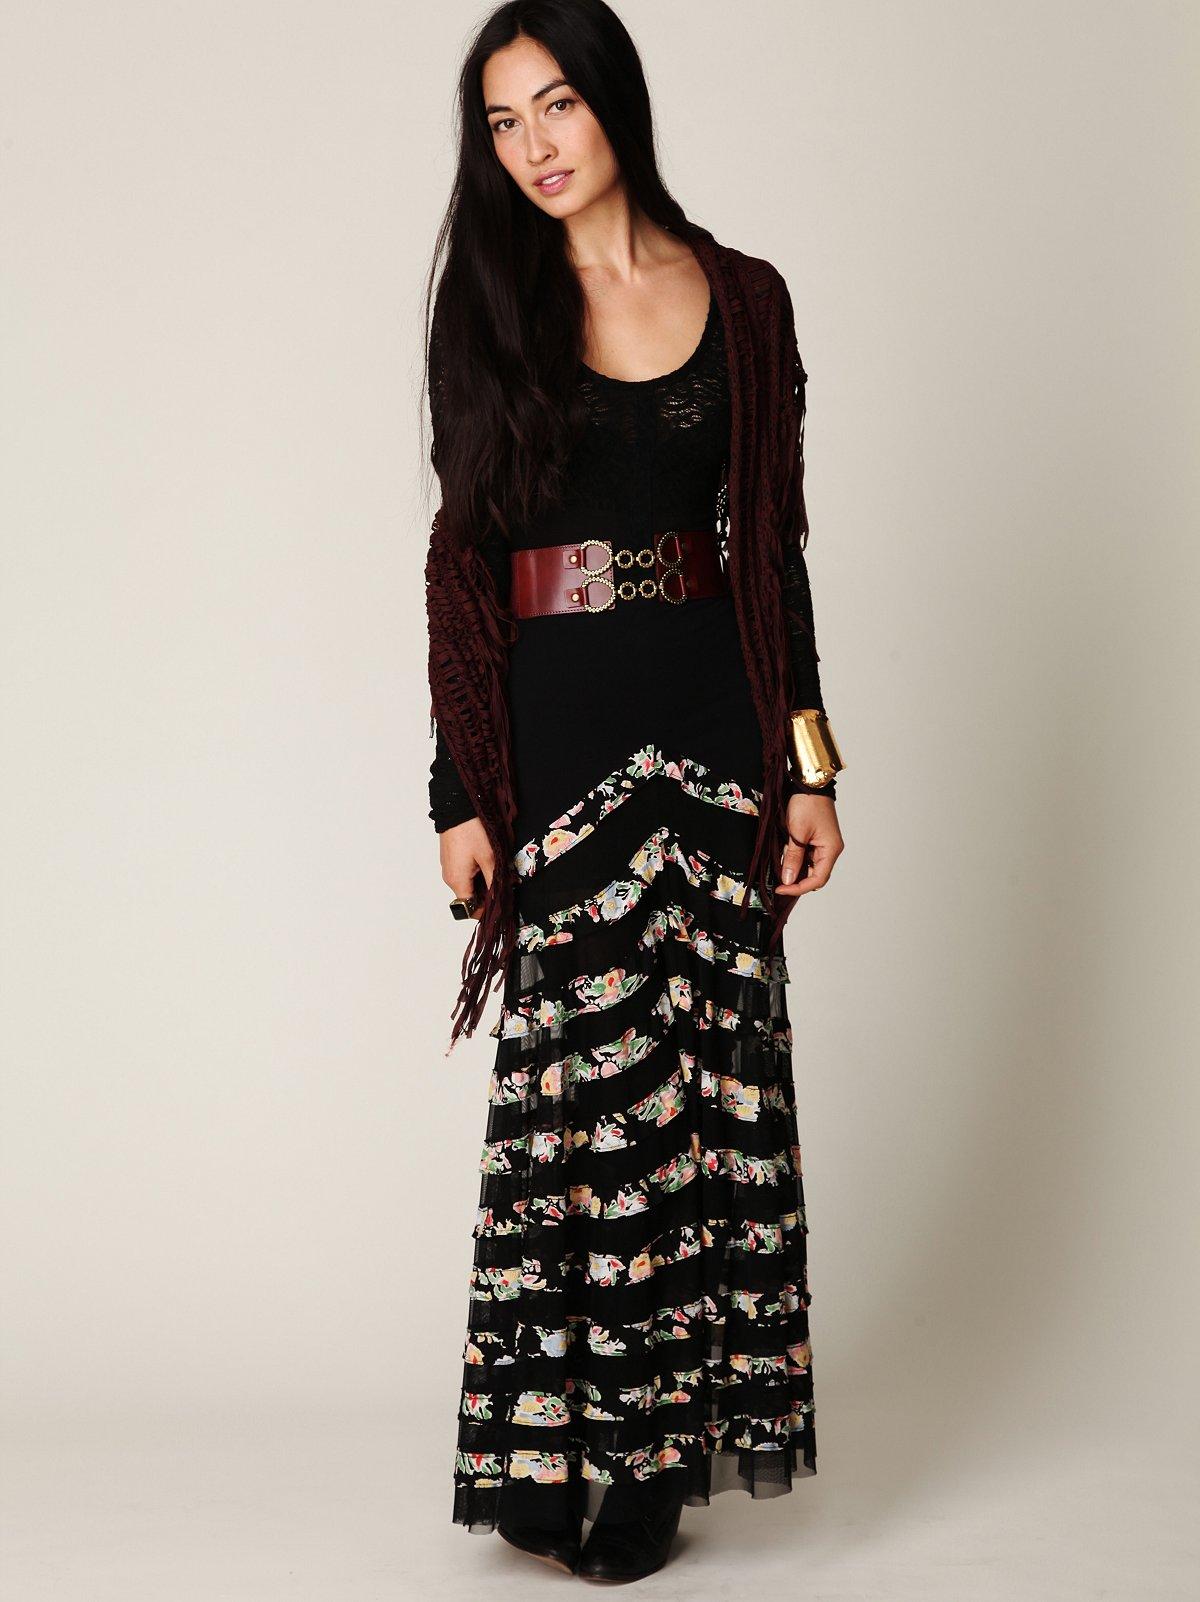 Blossom Movement Skirt